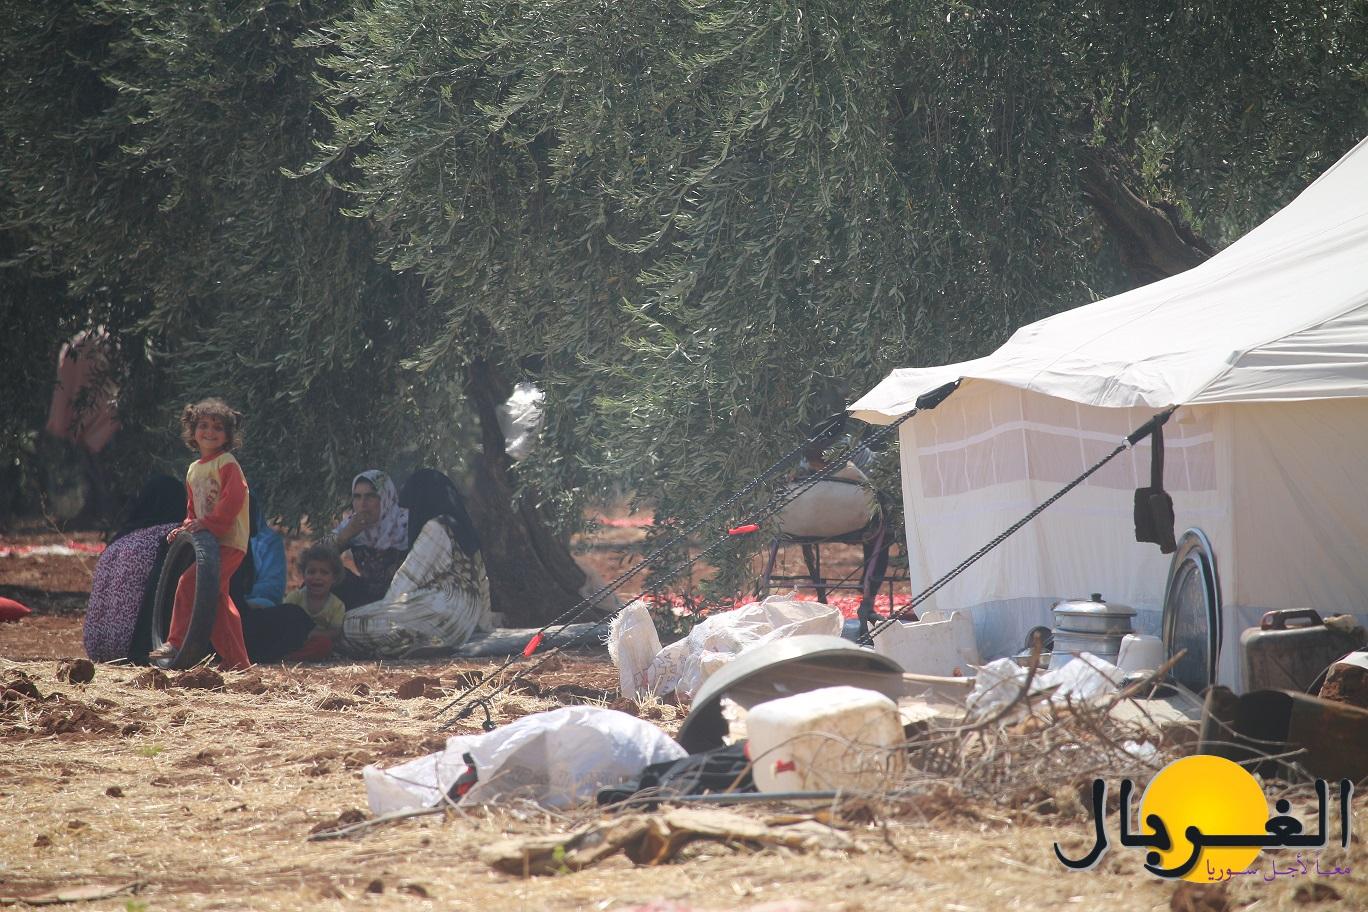 مخيم بين كروم كفركلبين (2)